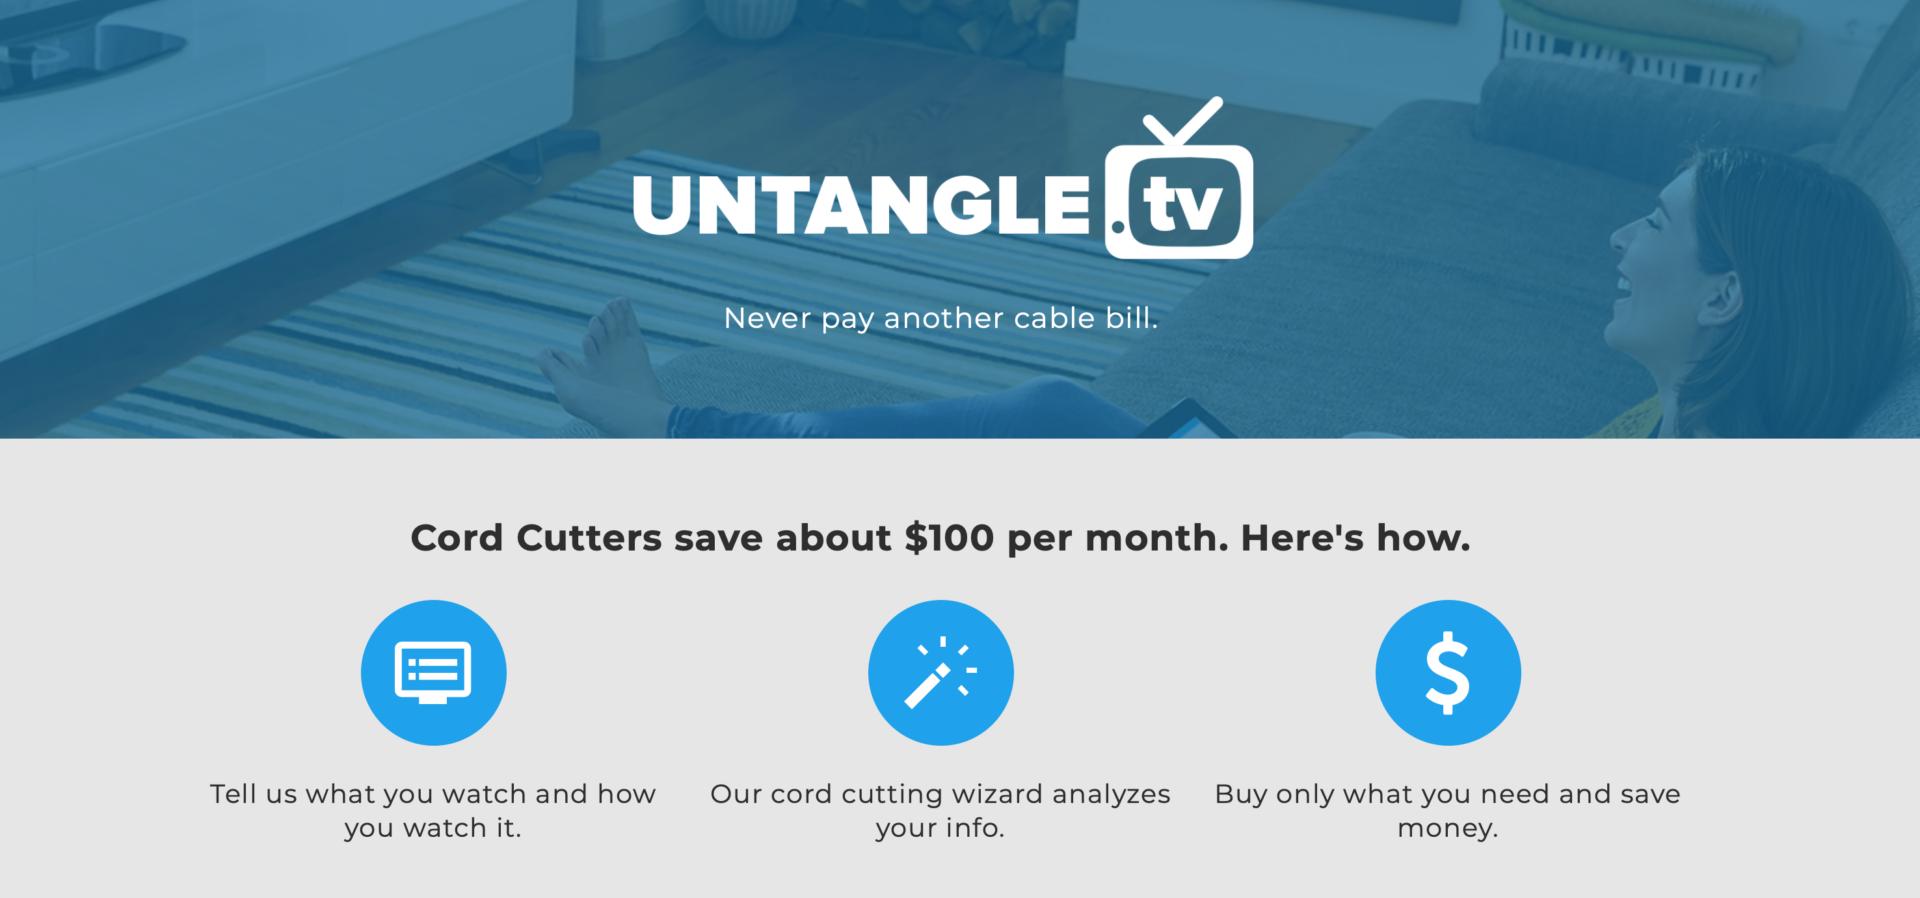 Untangle TV Web site